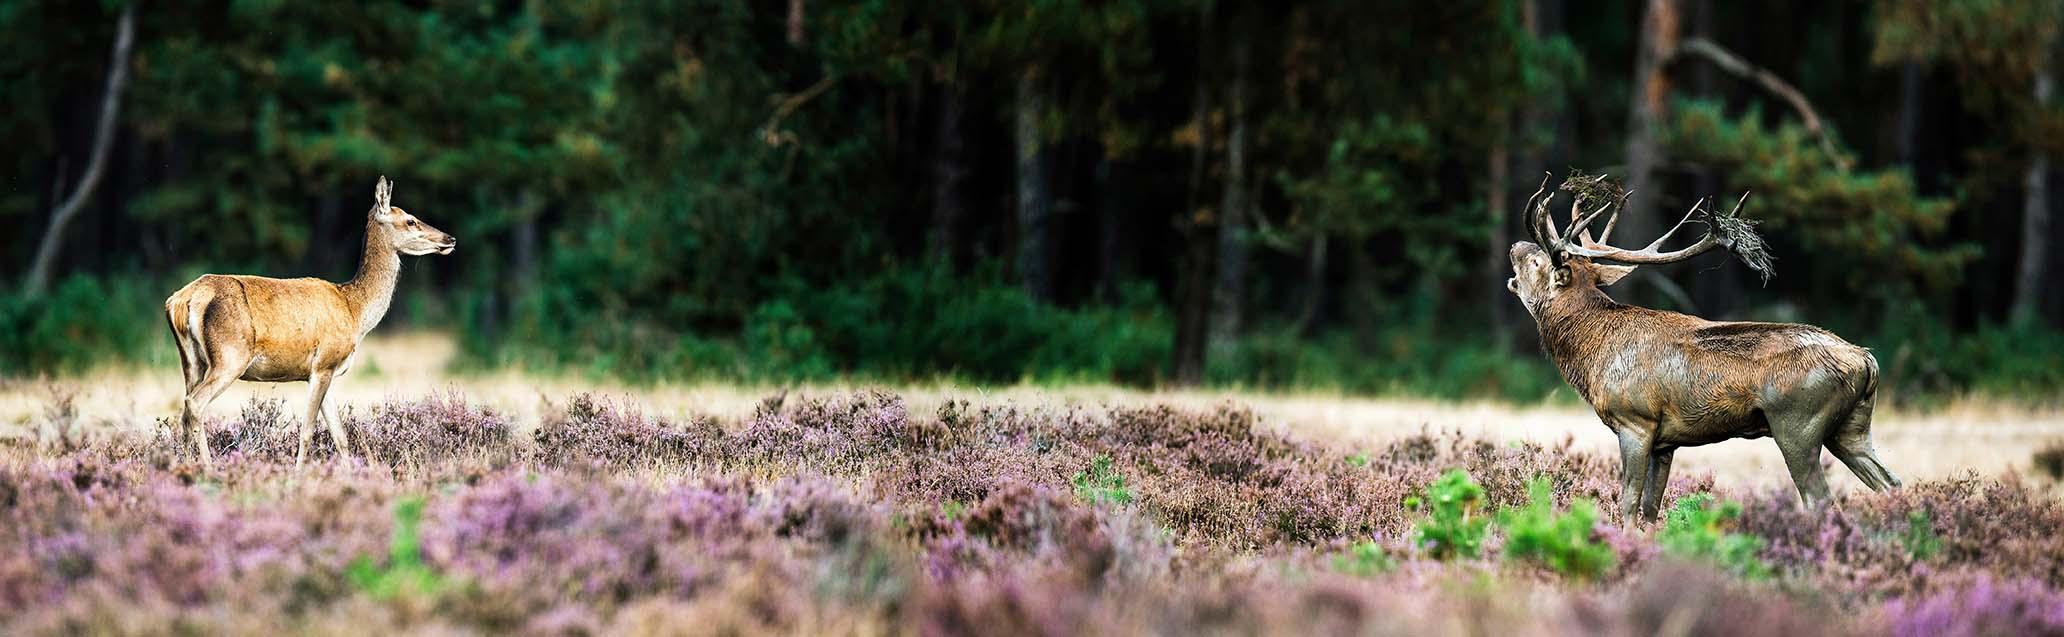 Roaring red deer in rutting season. National Park Hoge Veluwe.